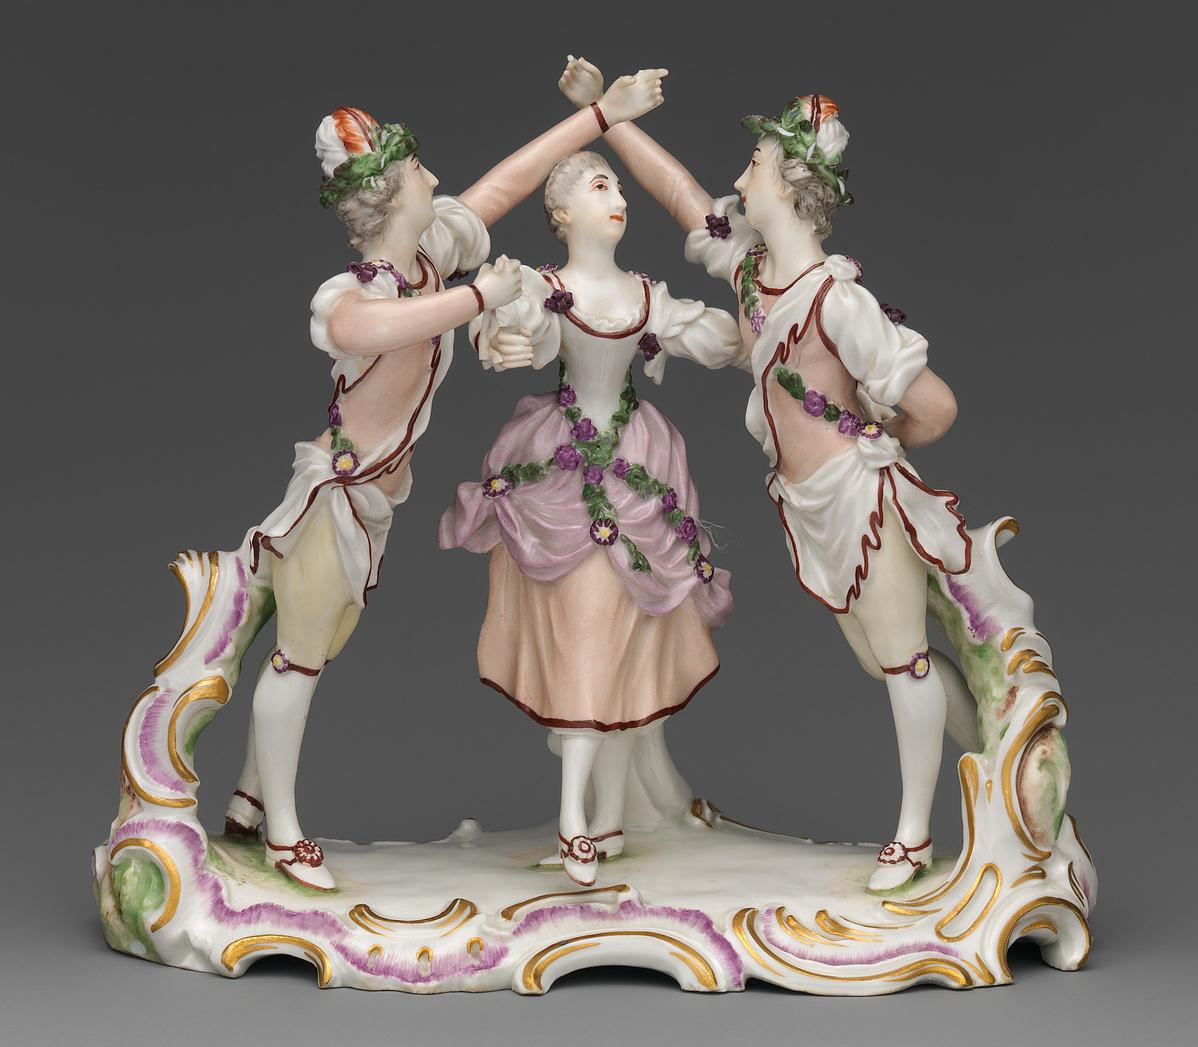 Three_dancers_MET_DP-12395-001_cropped-104155.jpg